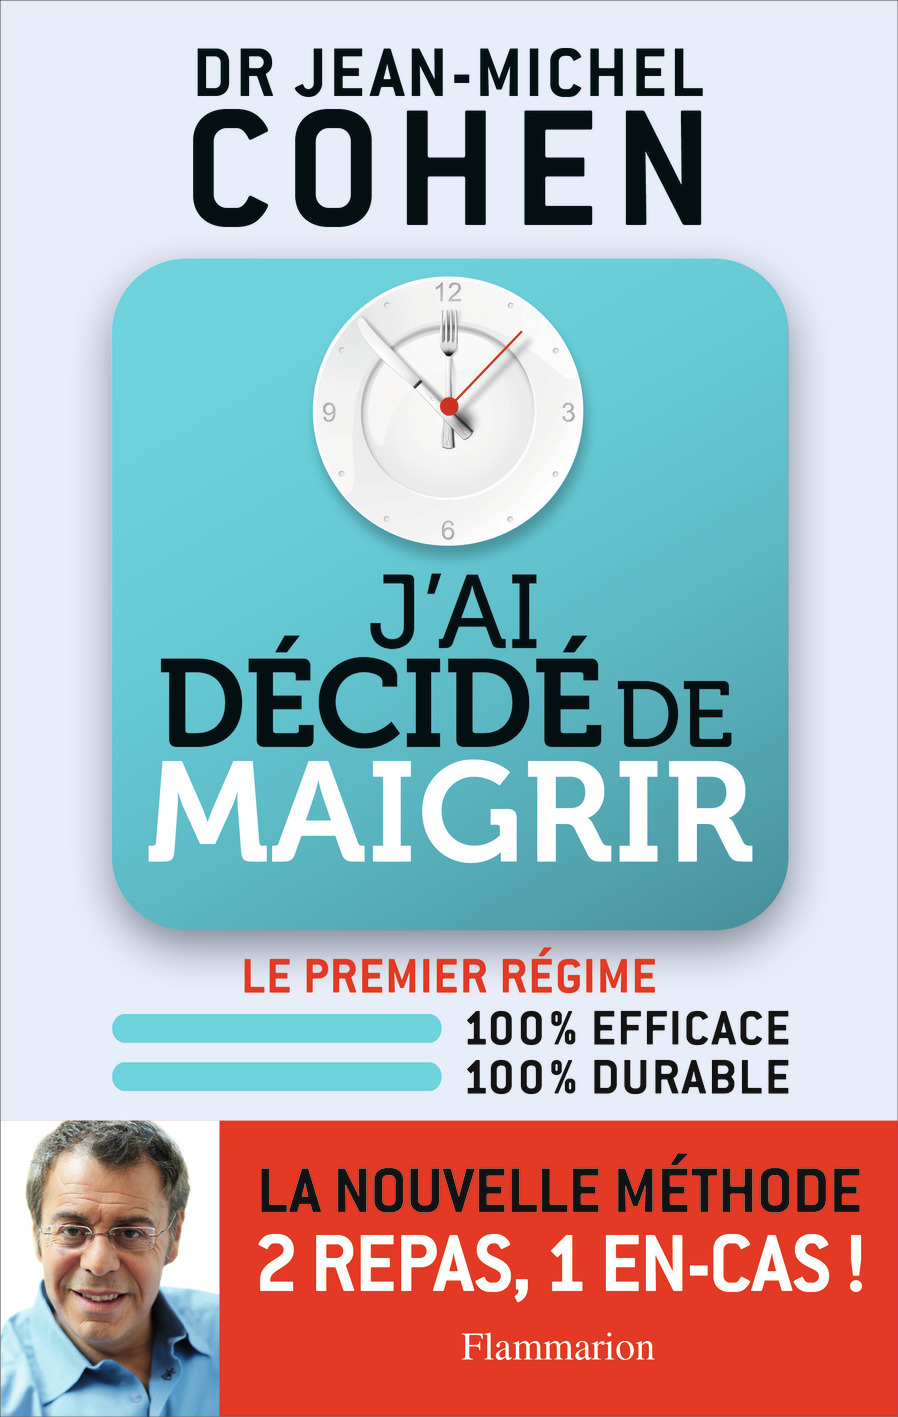 J'AI DECIDE DE MAIGRIR